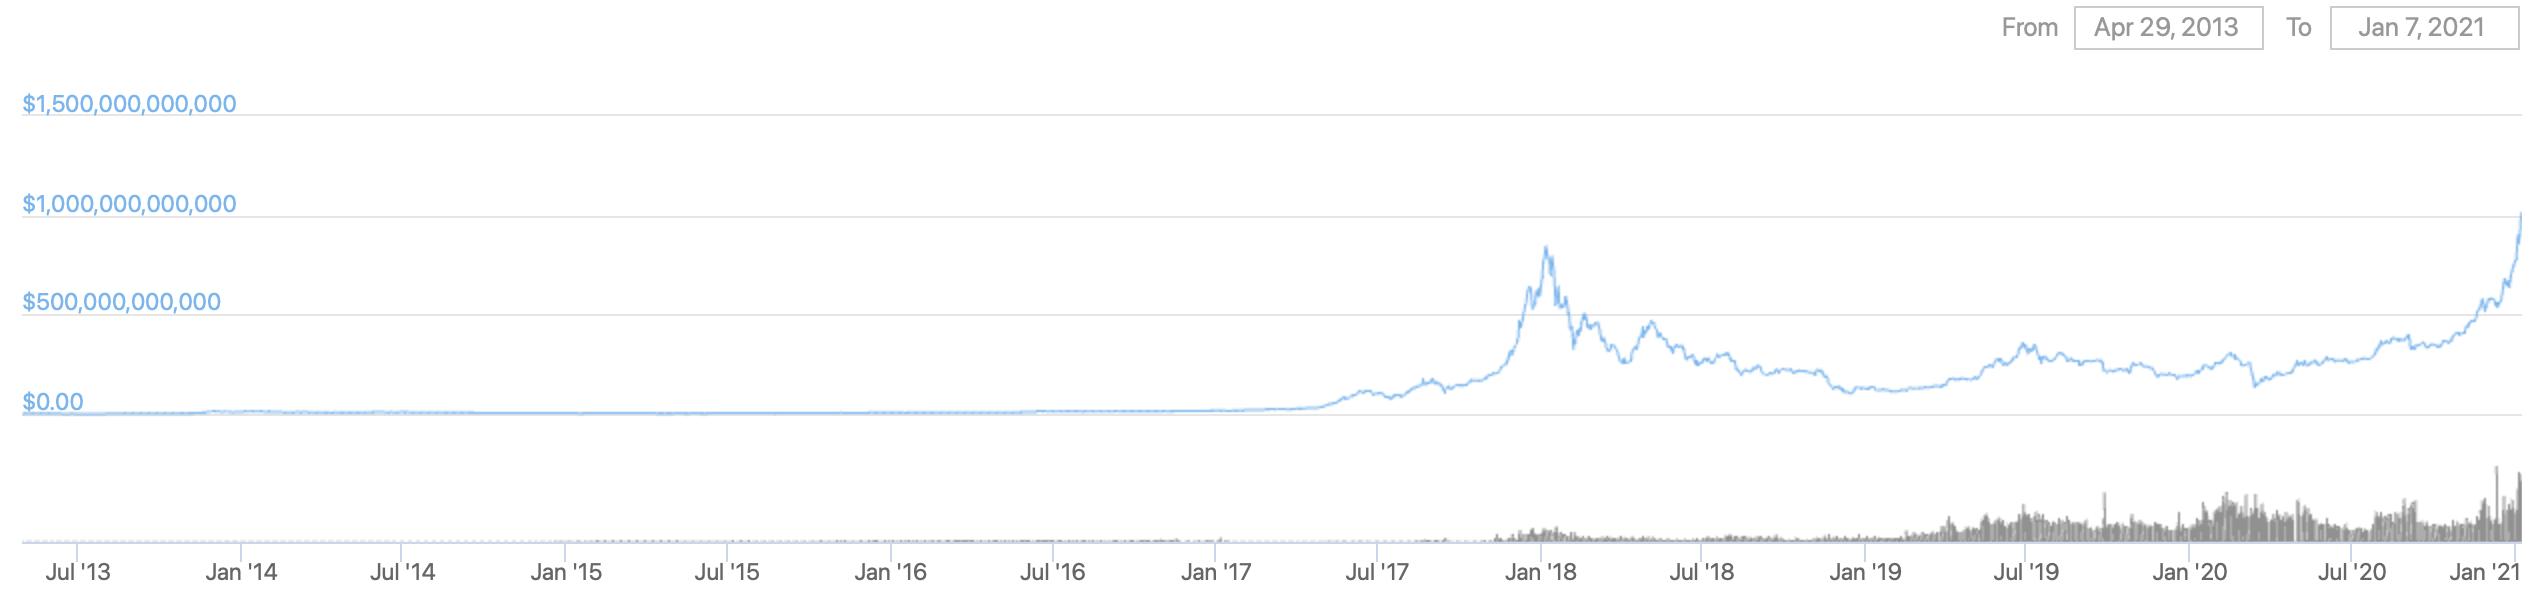 криптовалюты показатели